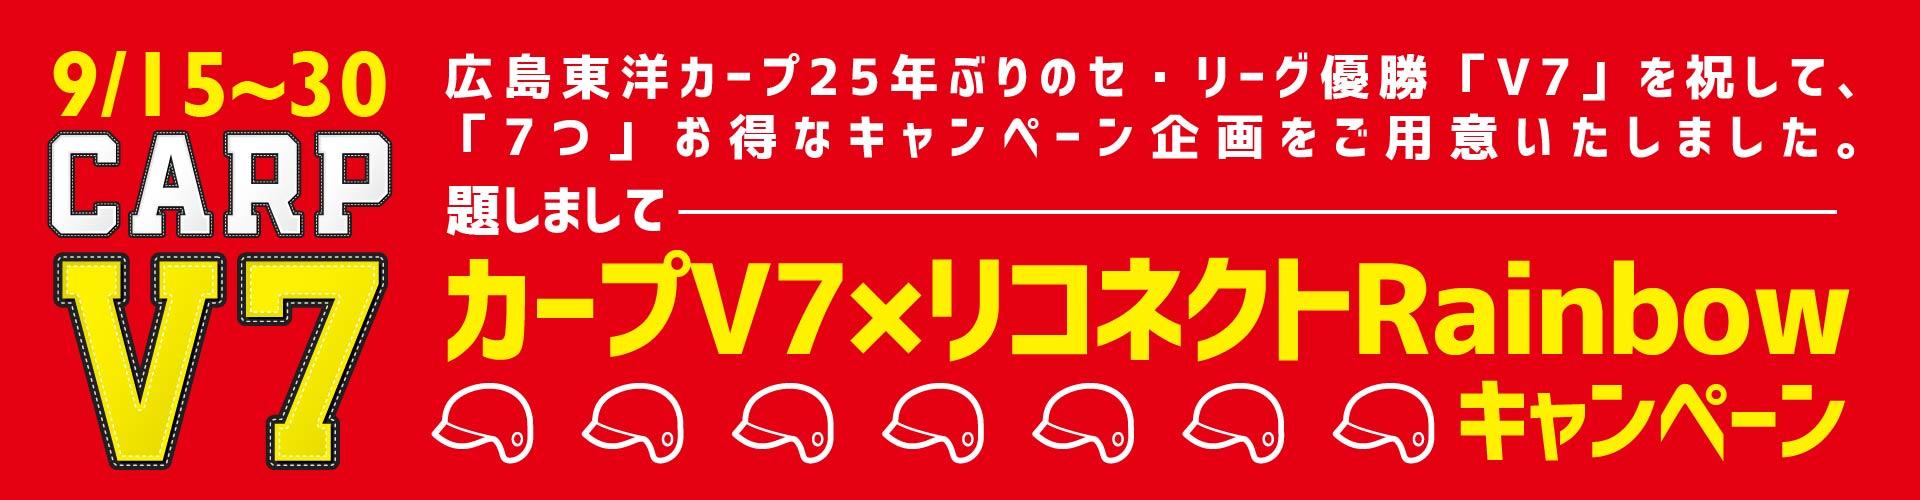 カープ優勝キャンペーン開催中!